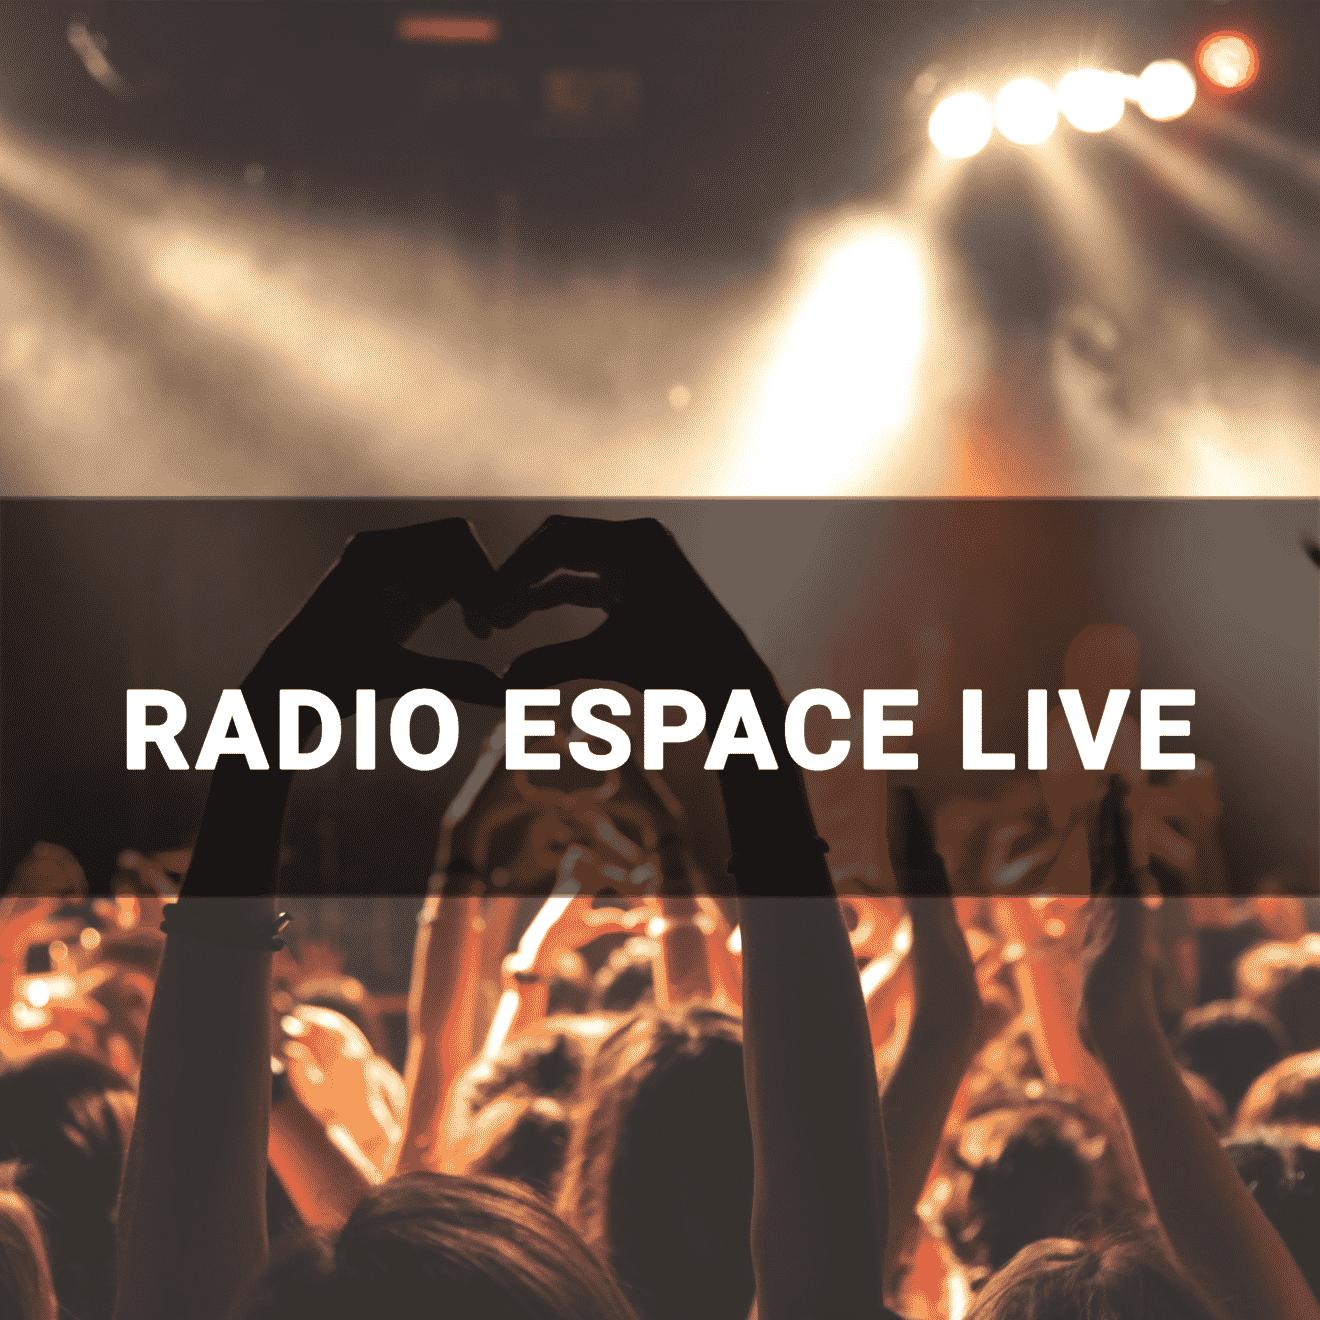 Personne qui assistent à un concert - Radio espace Live